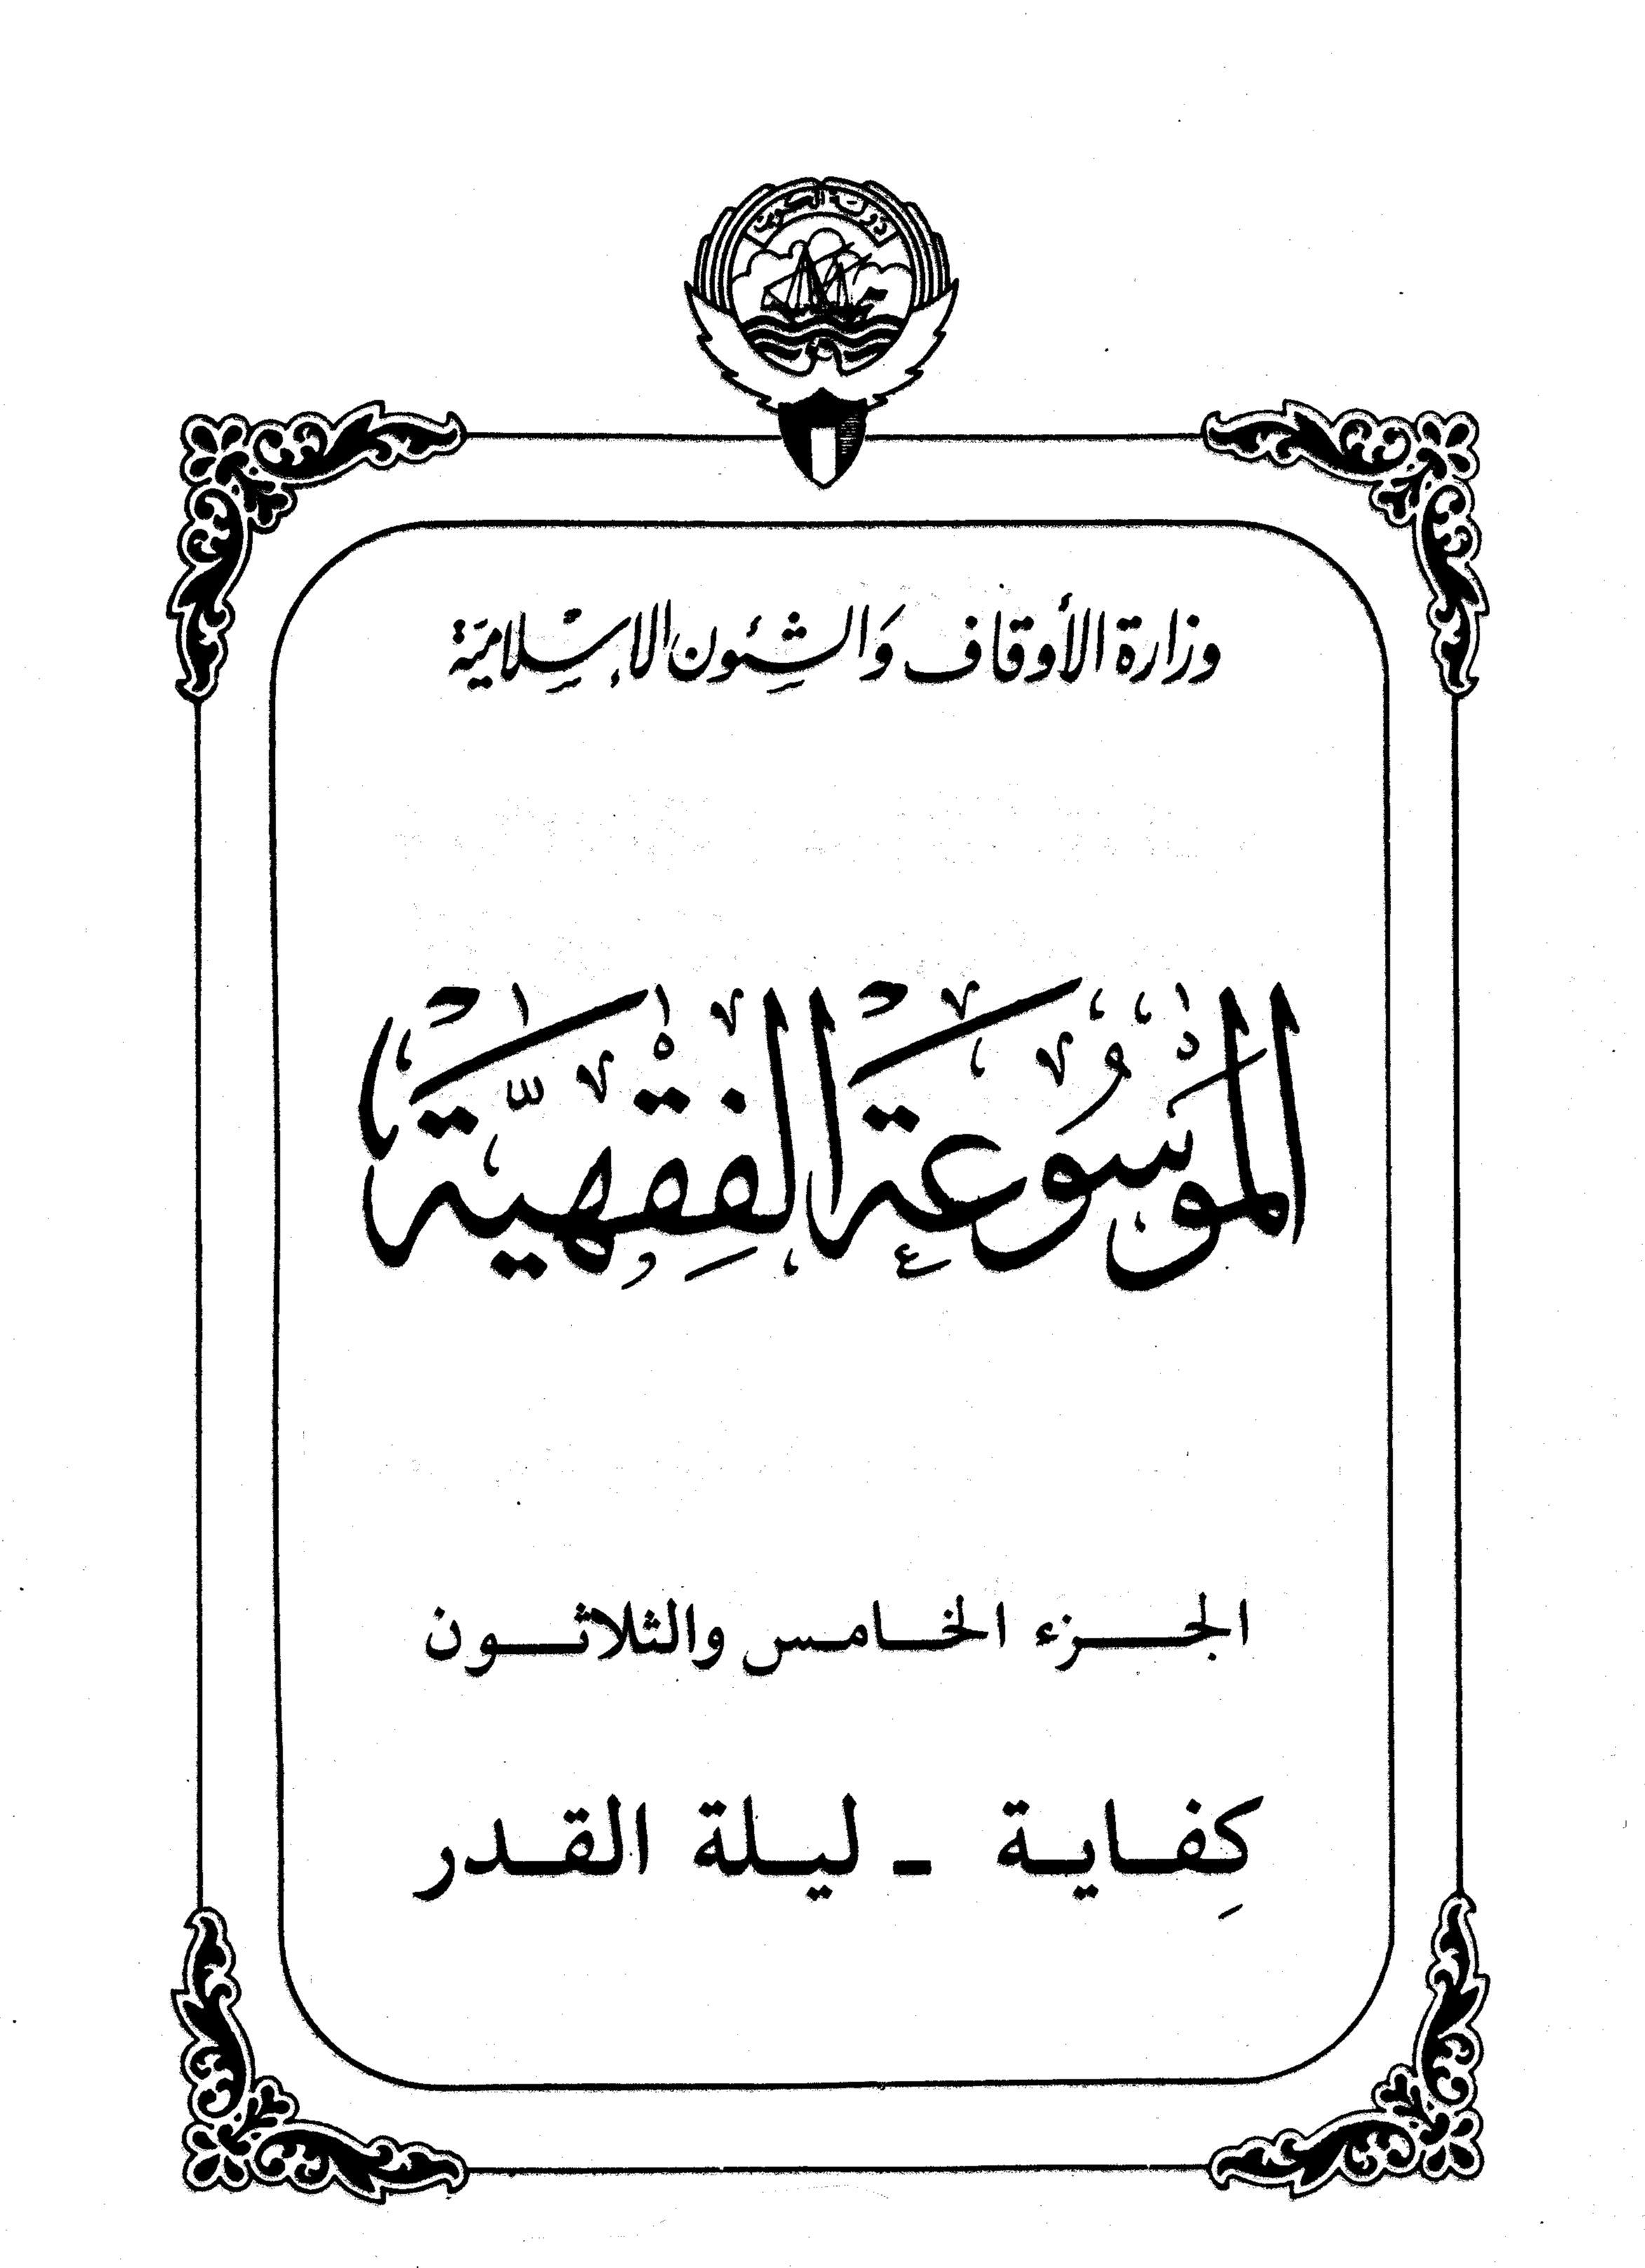 الموسوعة الفقهية الكويتية- الجزء الخامس والثلاثون (كفاية – ليلة القدر)